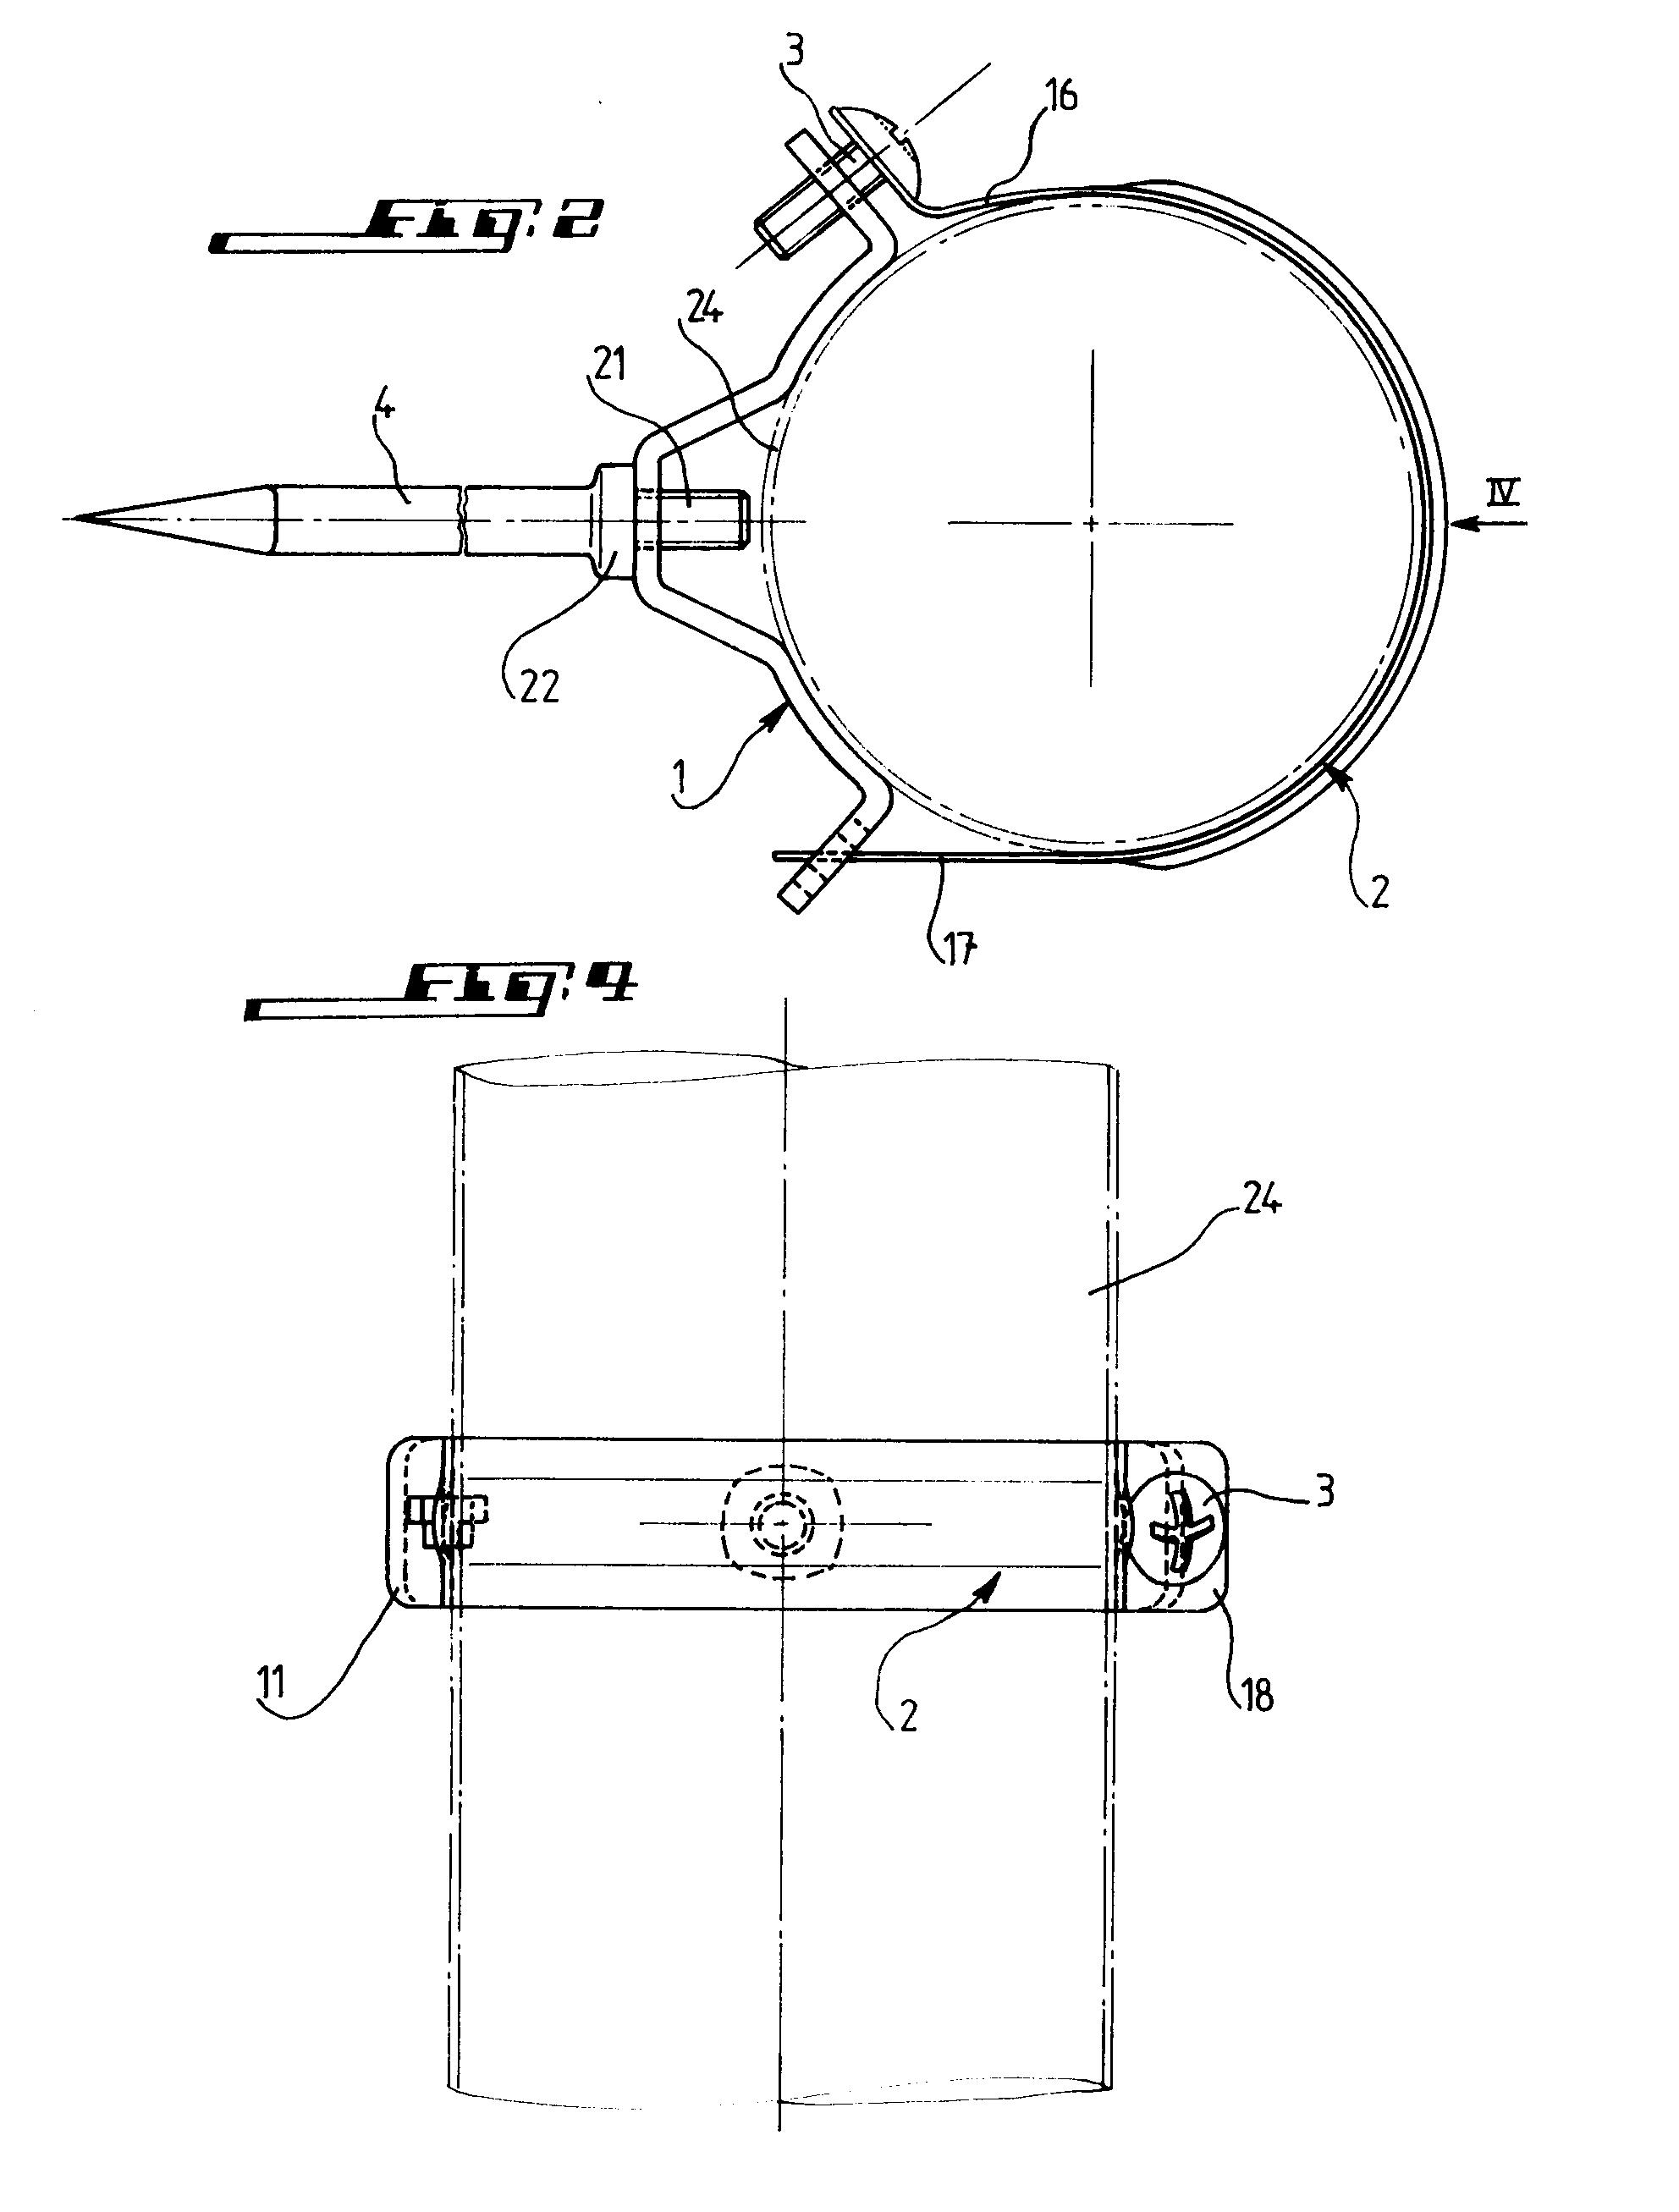 patent ep0539284a1 collier de fixation de tuyau de. Black Bedroom Furniture Sets. Home Design Ideas